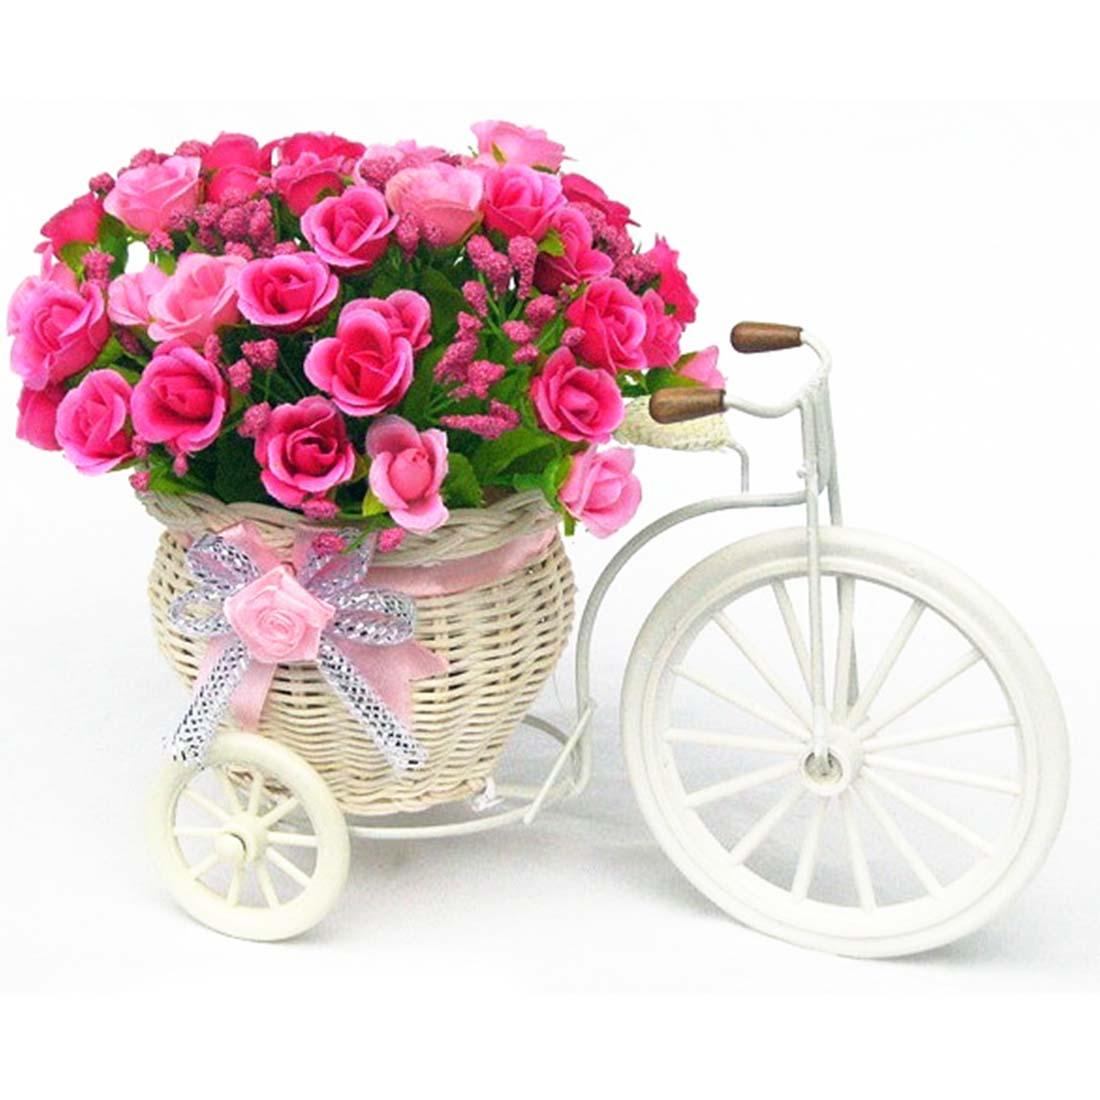 Big Wheel Round Flower Basket Simulation Rattan Floats Flower Vase Flowerpots